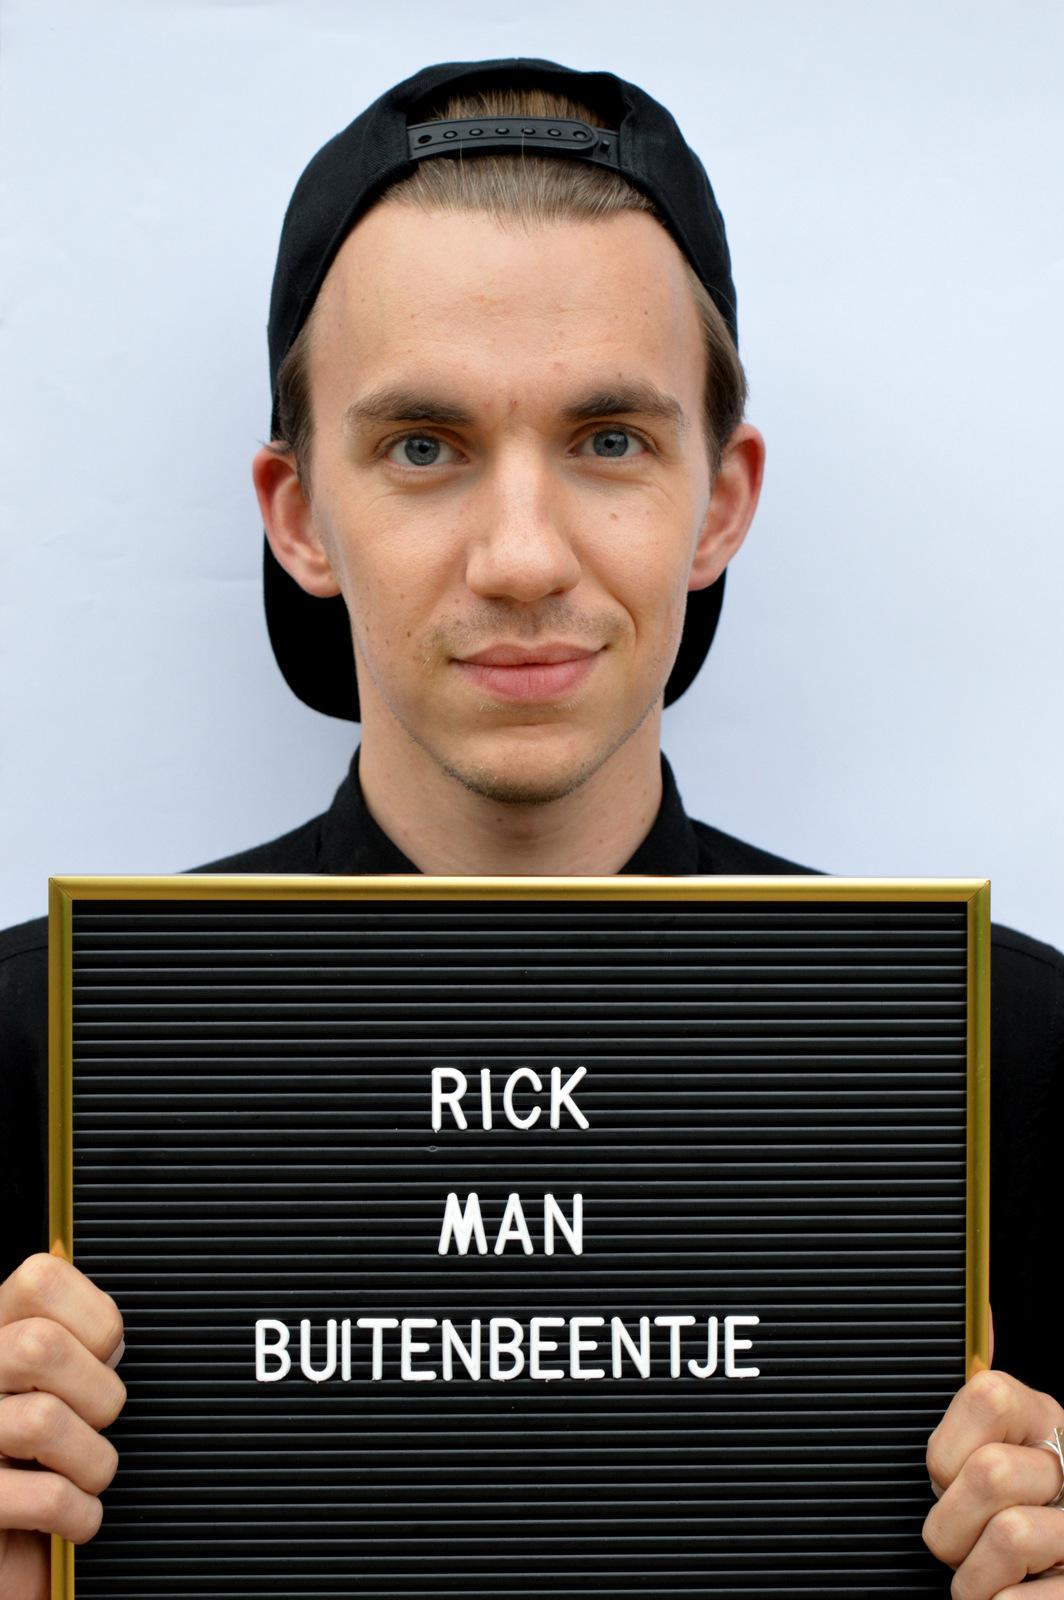 Rick  - Buiten de grenzen